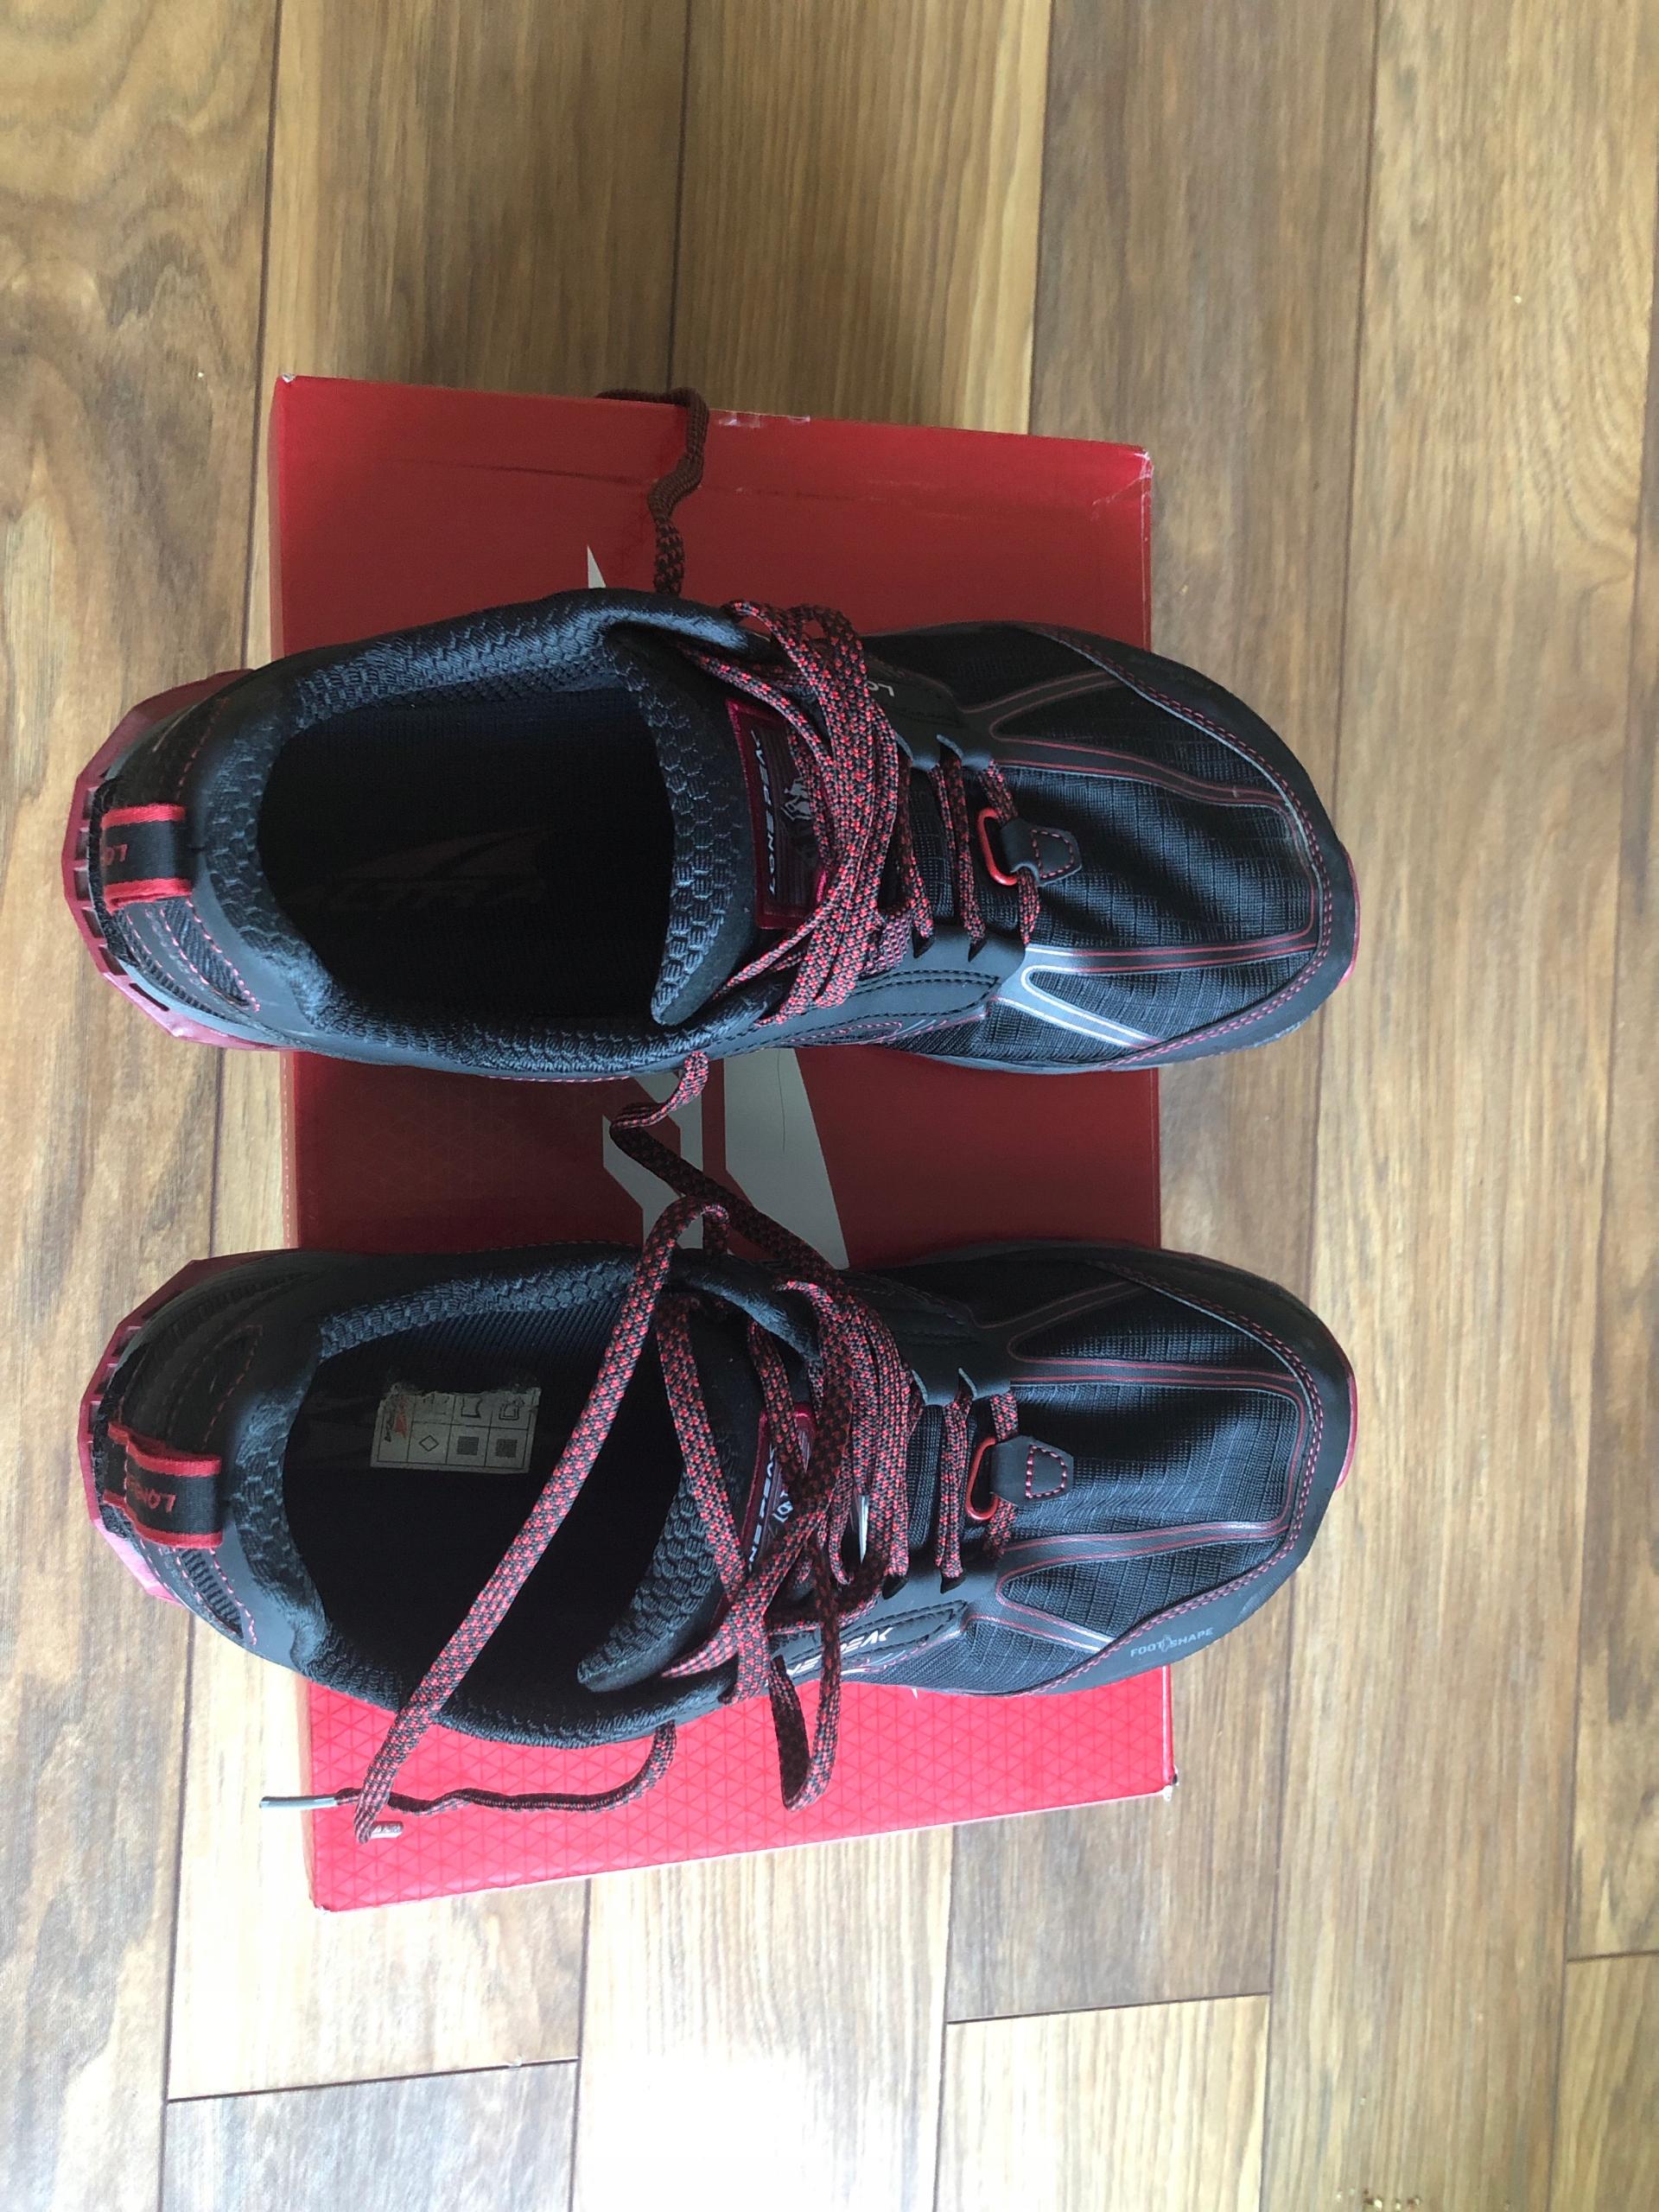 ALTRA buty biegowe trailowe męskie LONE PEAK 4.0